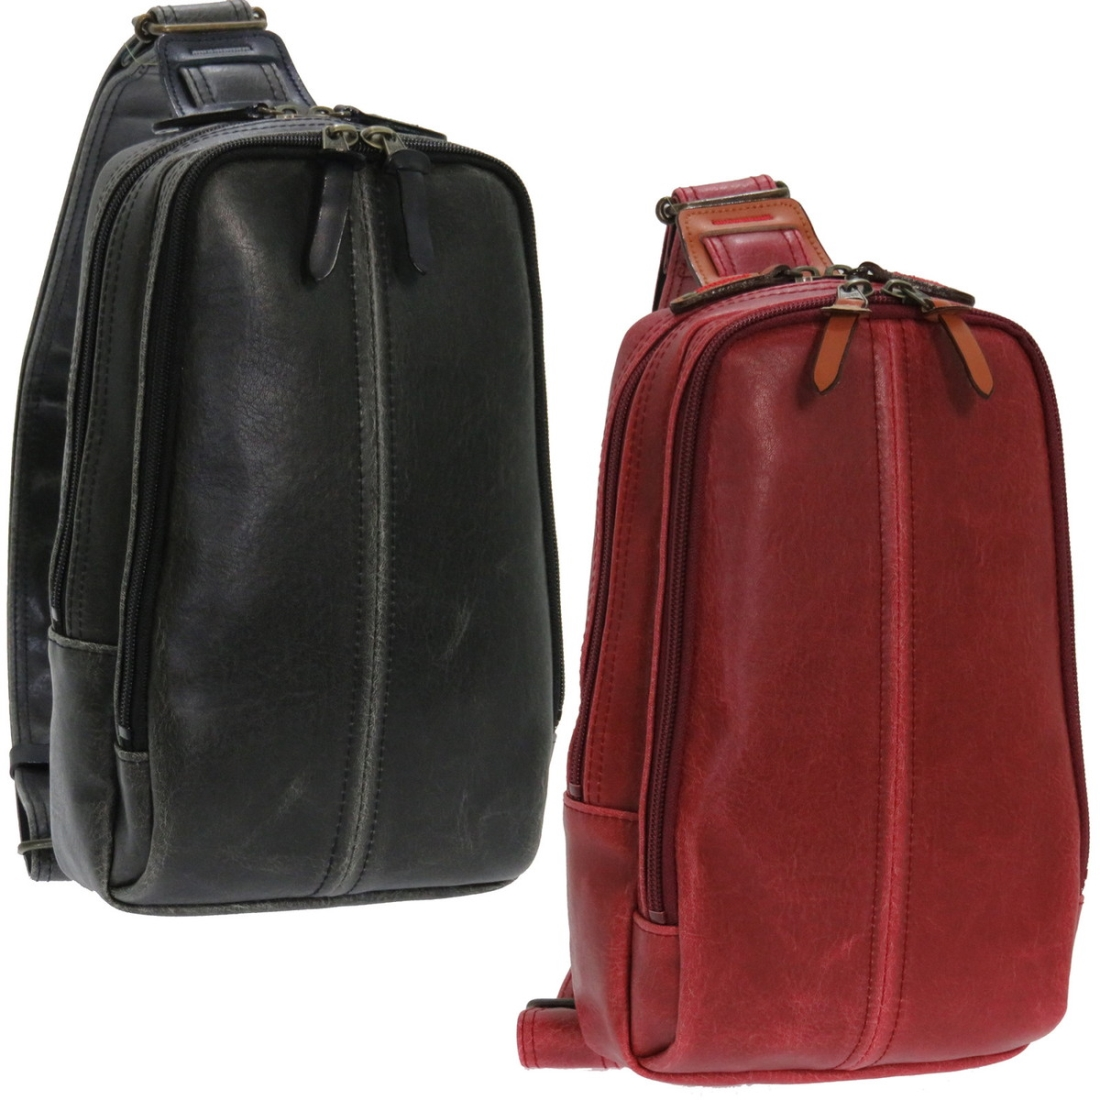 日本 PVC 鞄 ボディー バッグレトロボディーバッグ ブラック 黒 日本製 japan